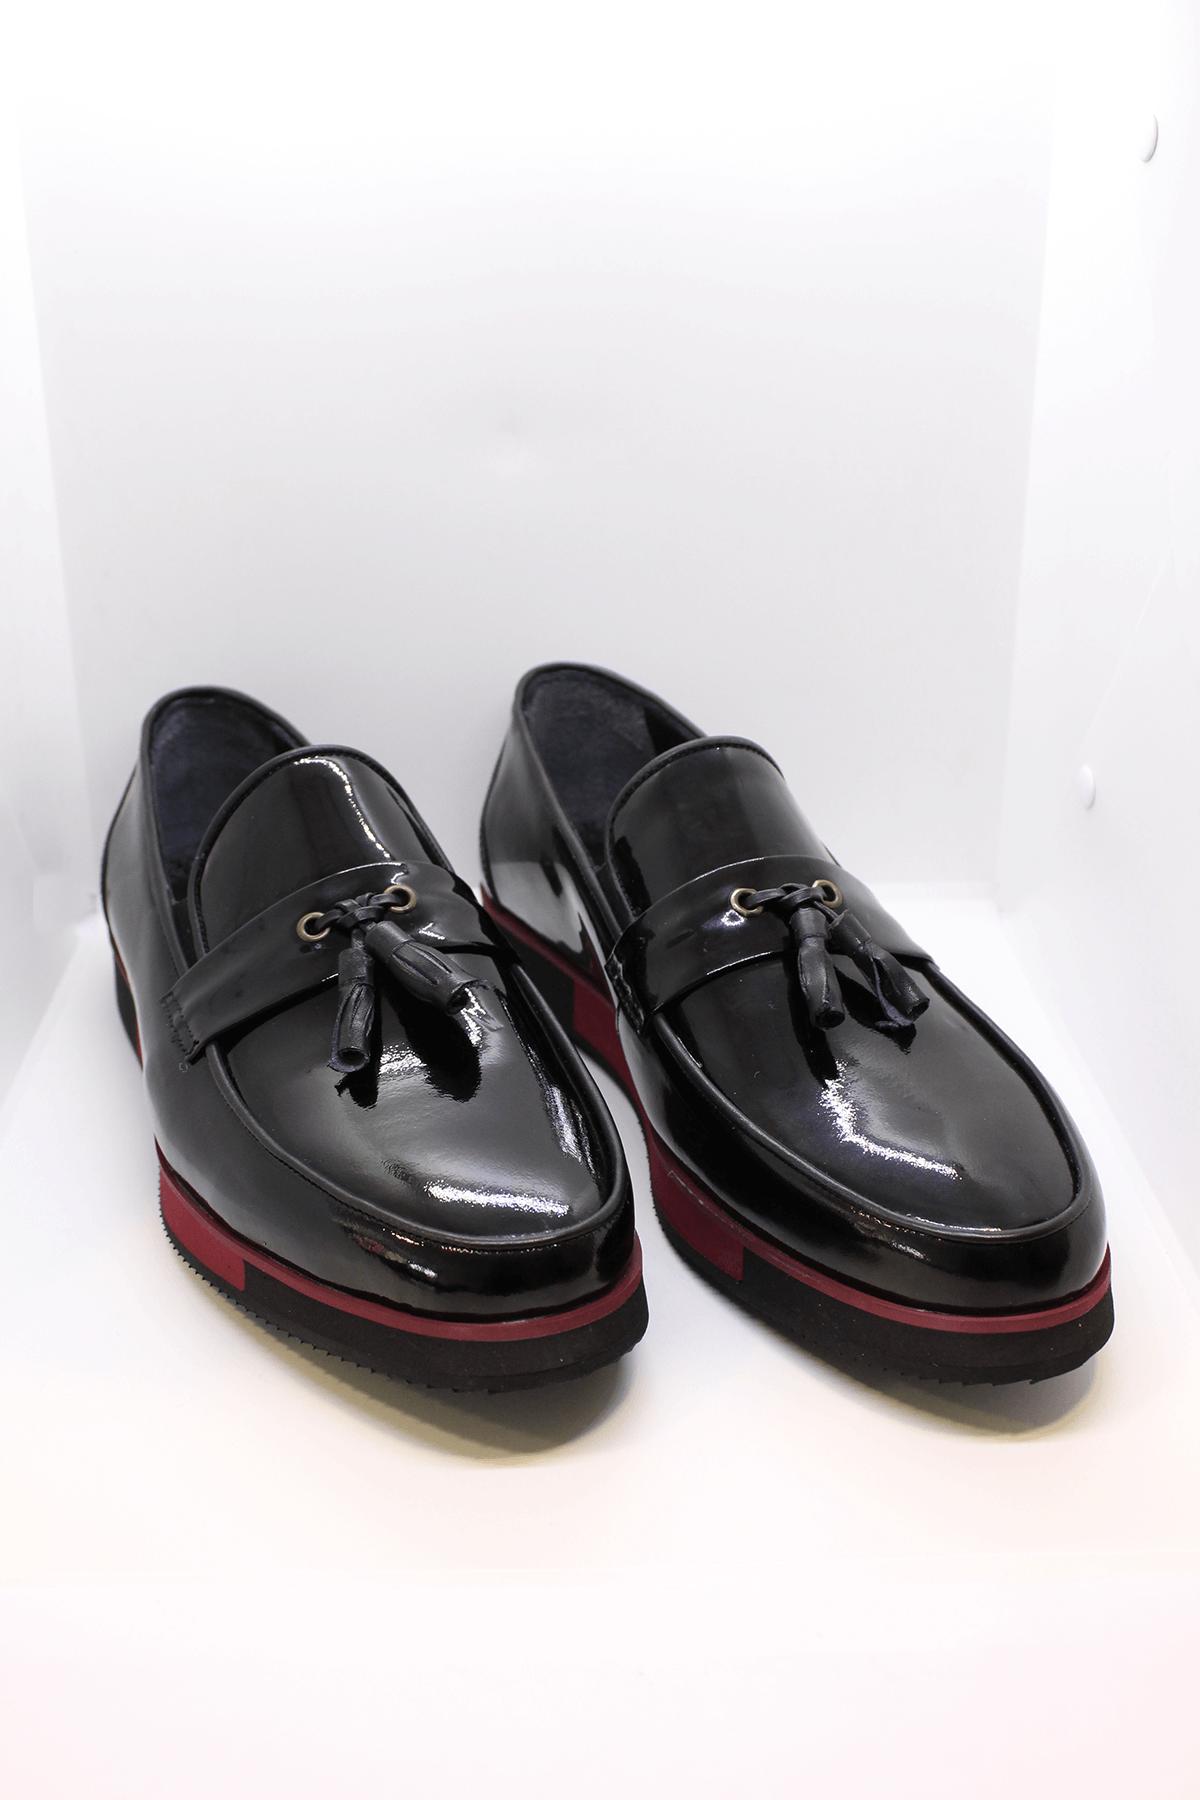 Nevzat Zöhre 1418 Hakiki Deri Siyah Casual Ayakkabı